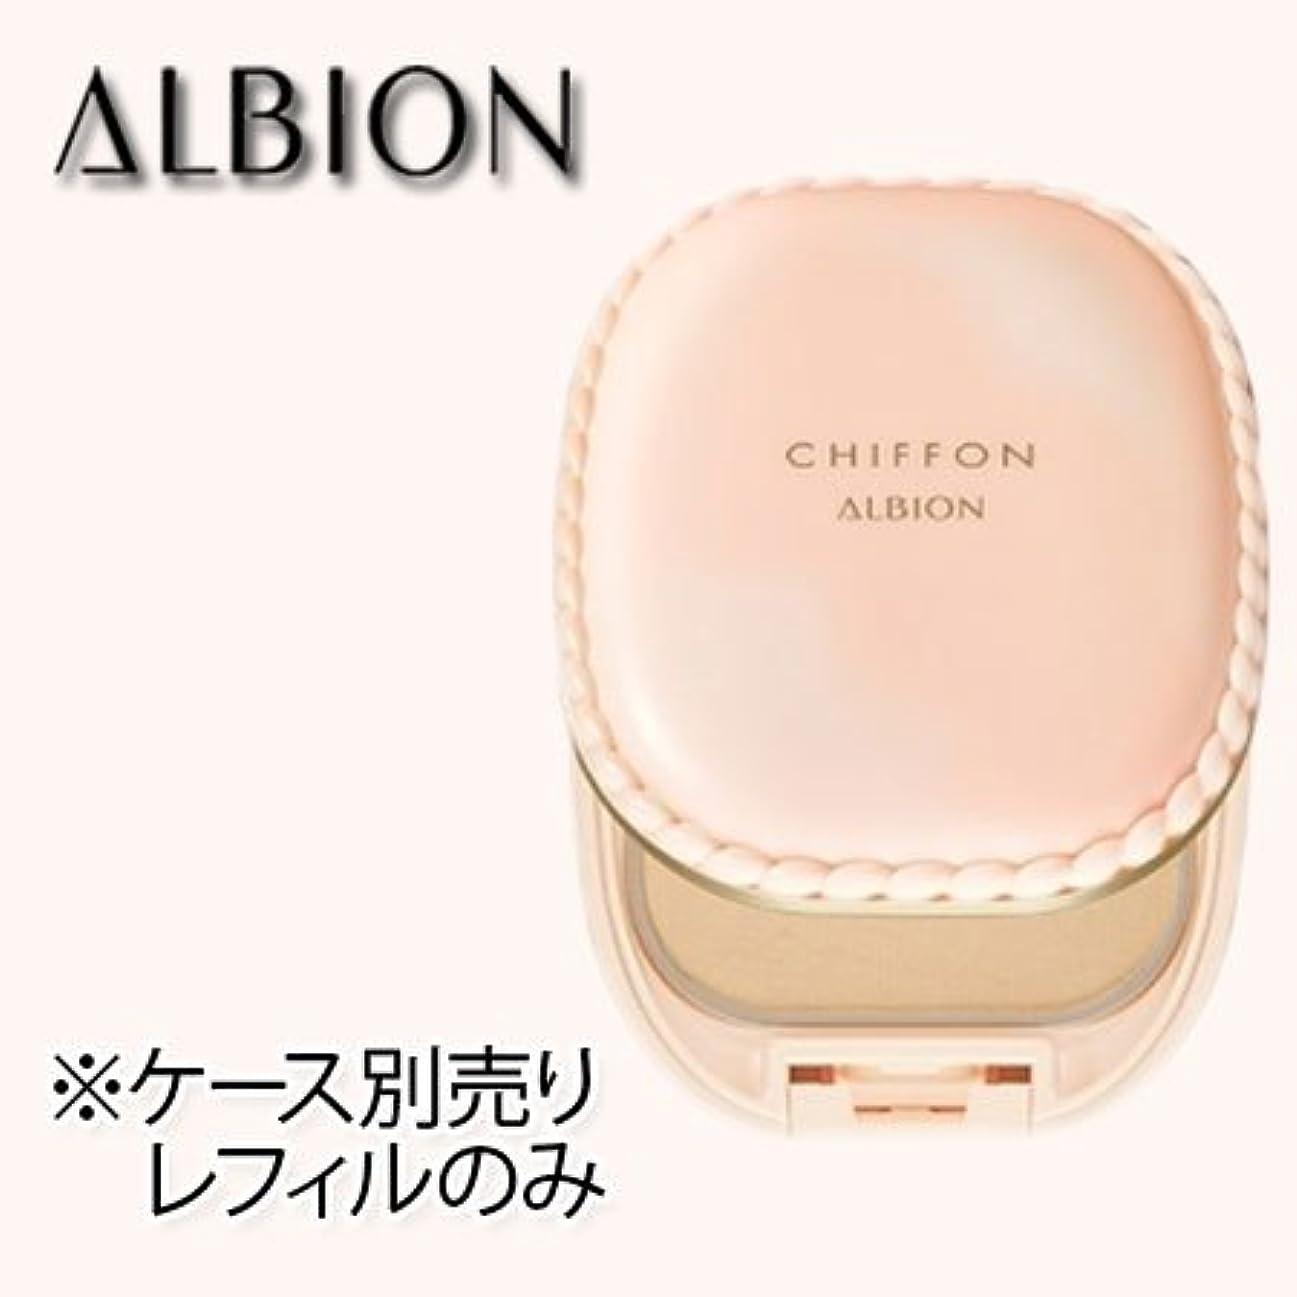 知的クリーム下品アルビオン スウィート モイスチュア シフォン (レフィル) 10g 6色 SPF22 PA++-ALBION- 050